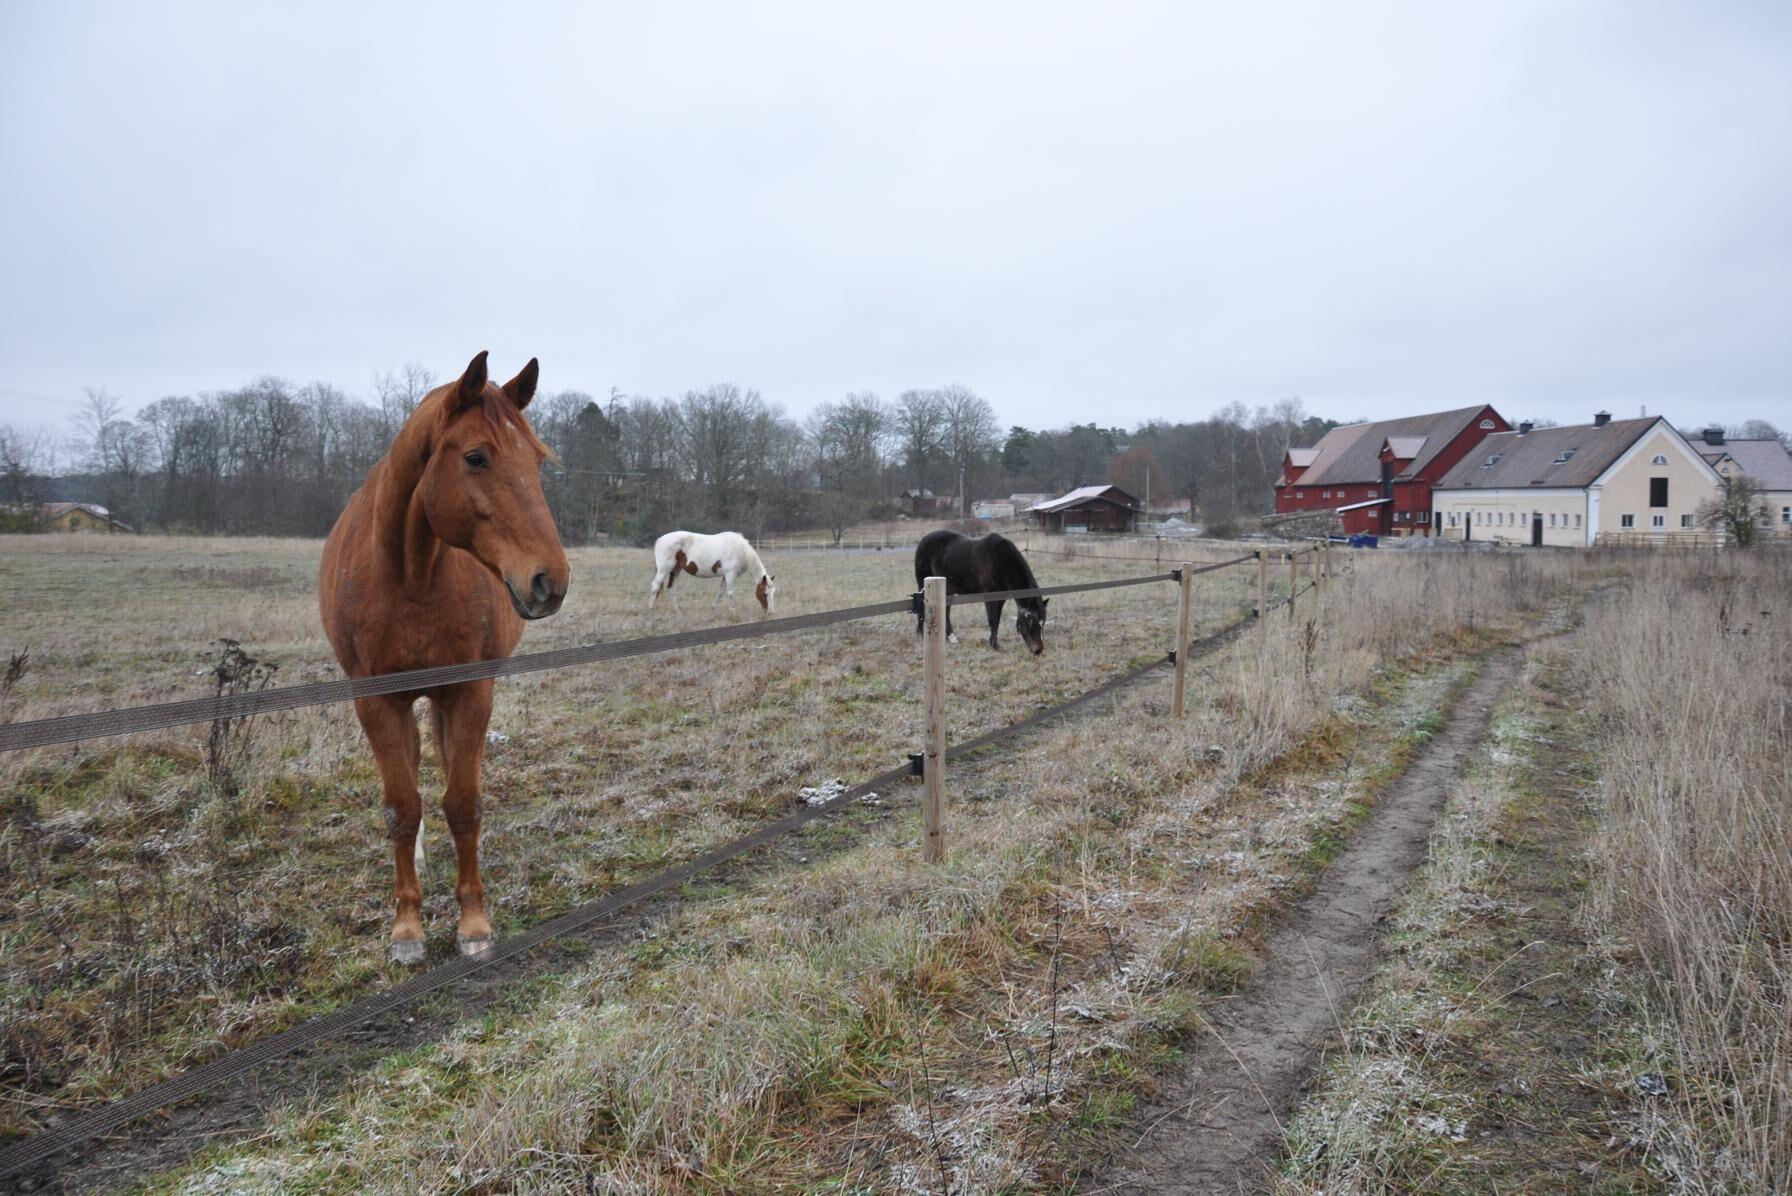 Hästarna i hagen och Stall Kungsgården i bakgrunden. Pantheon, som står i förgrunden, och de andra stödhästarna är snälla, trygga och sociala.